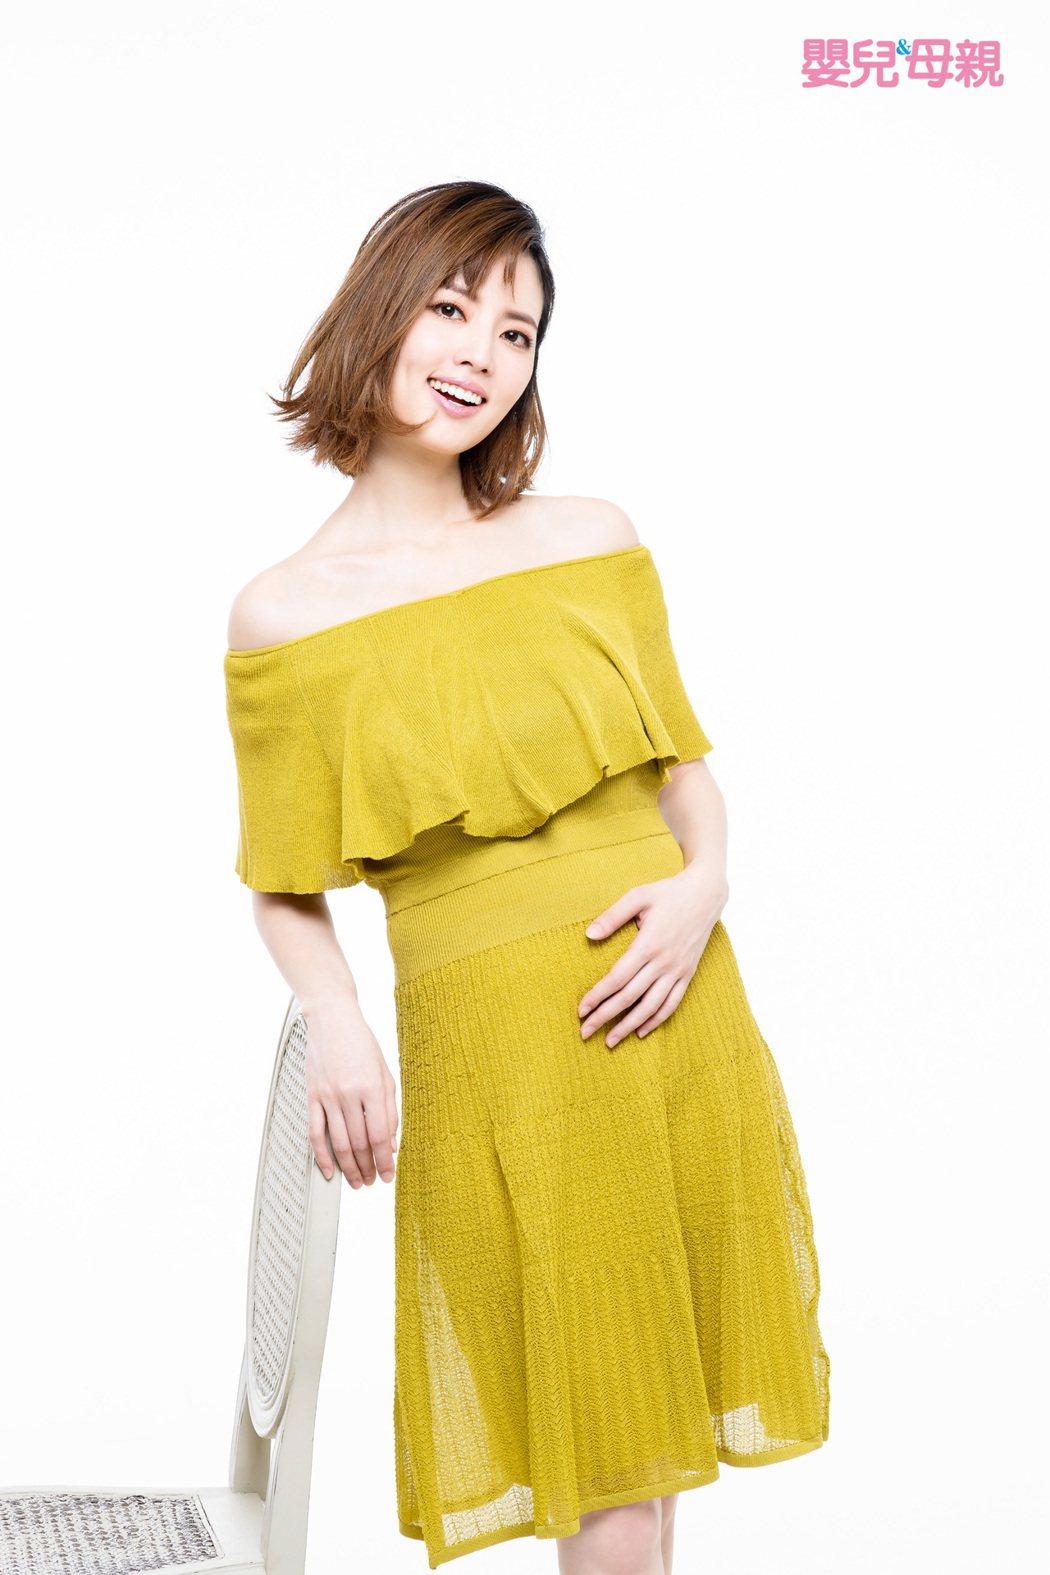 阿諾開心分享懷孕喜訊。圖/嬰兒與母親提供